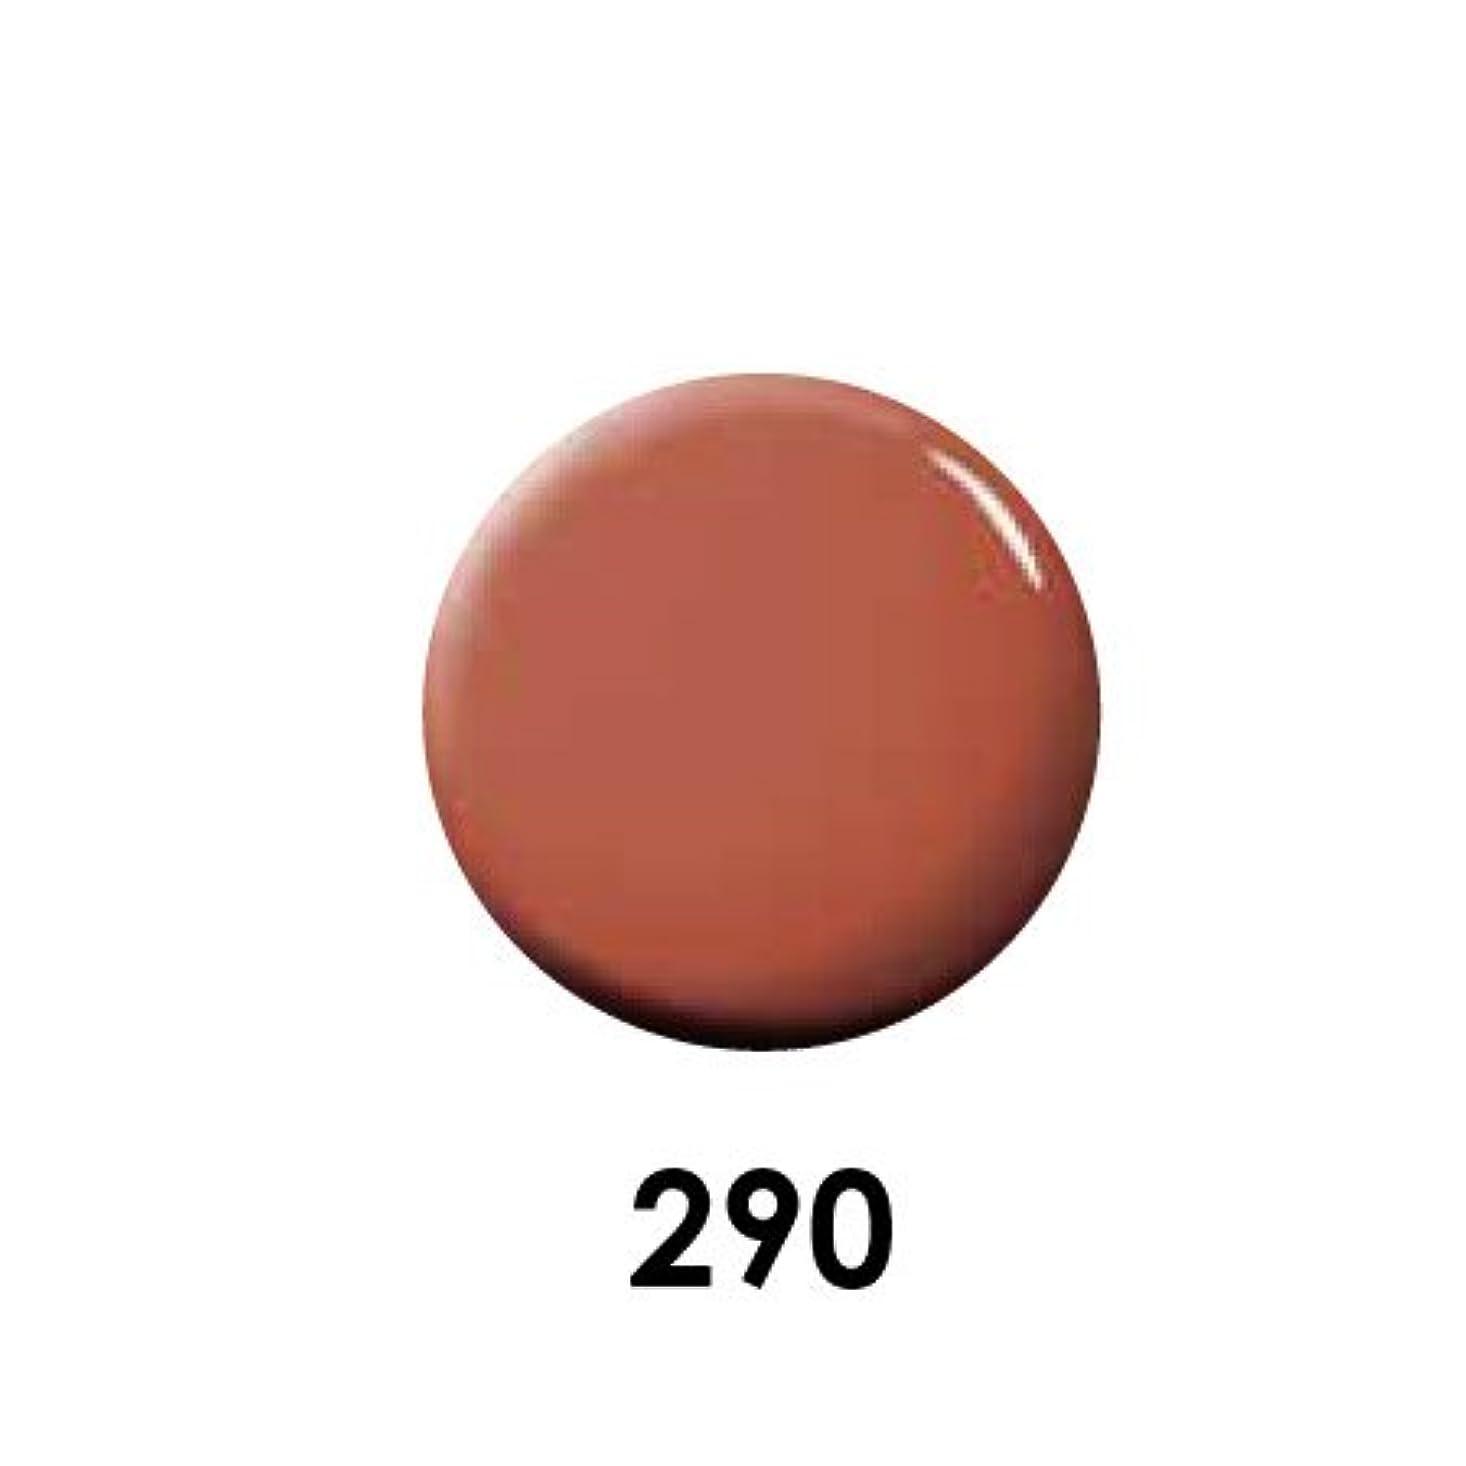 前書き暫定の食用Putiel プティール カラージェル 290 レッドソイル 2g (MARIEプロデュース)